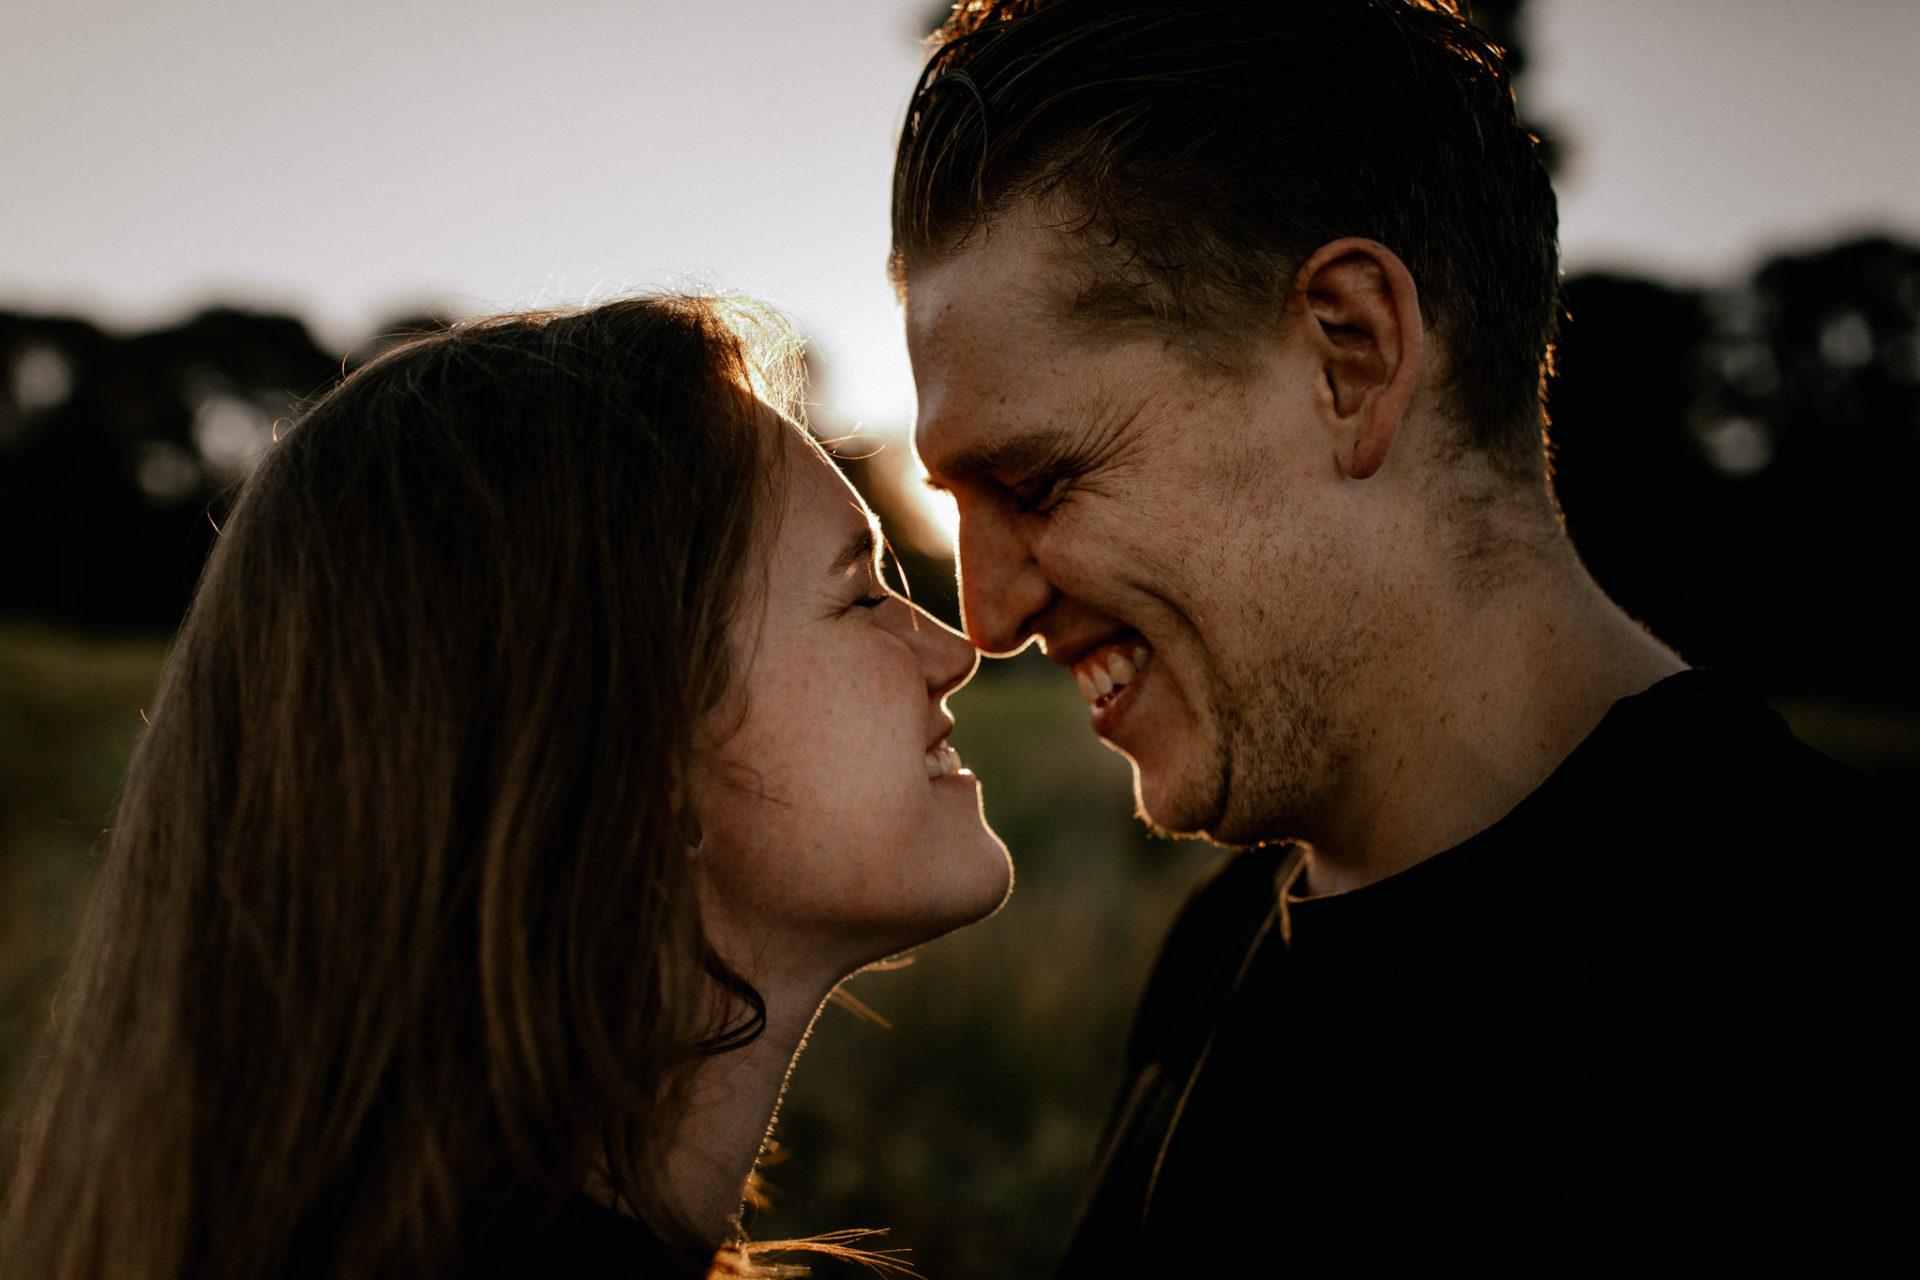 dokumentarische Hochzeitsfotografie-kreative ungestellte verlobungsbilder-Hochzeitsfotograf Australien-Mornington Peninsula Ausflug-Urlaub in Melbourne